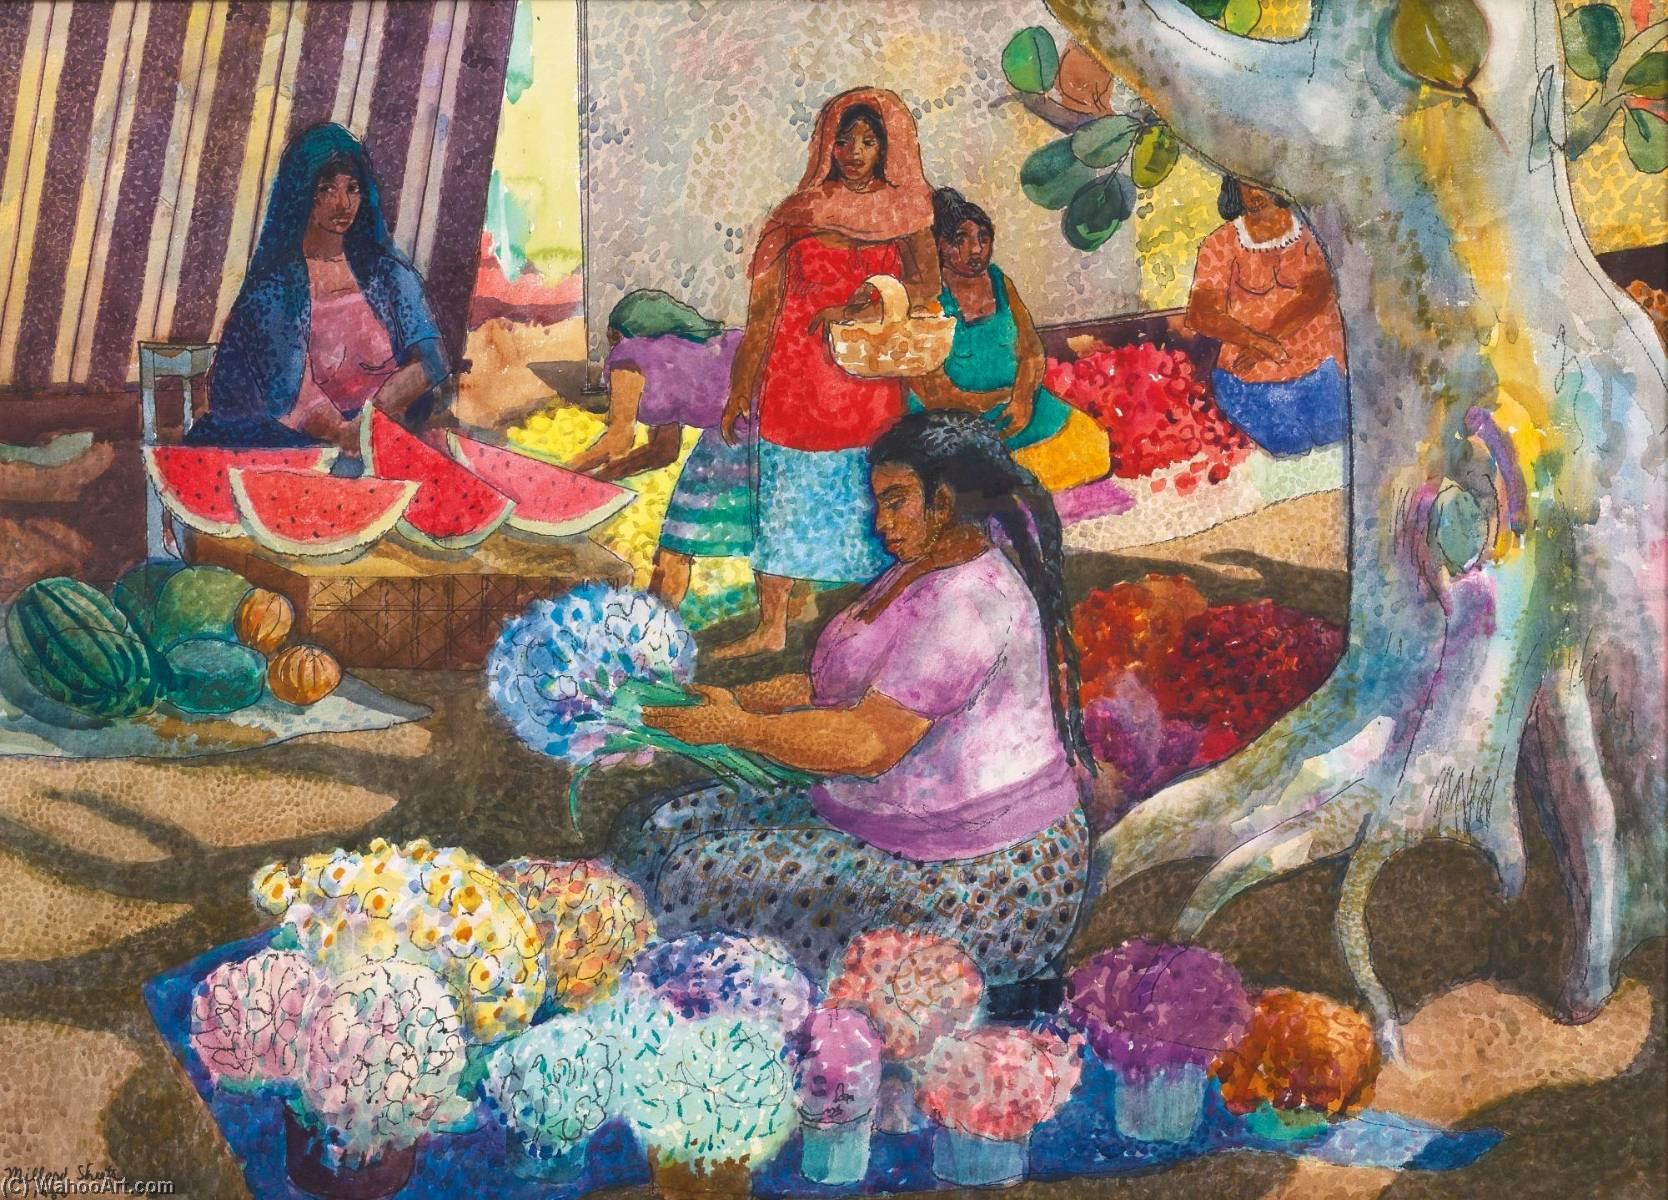 Wikioo.org - The Encyclopedia of Fine Arts - Painting, Artwork by Millard Sheets - Oaxaca Market